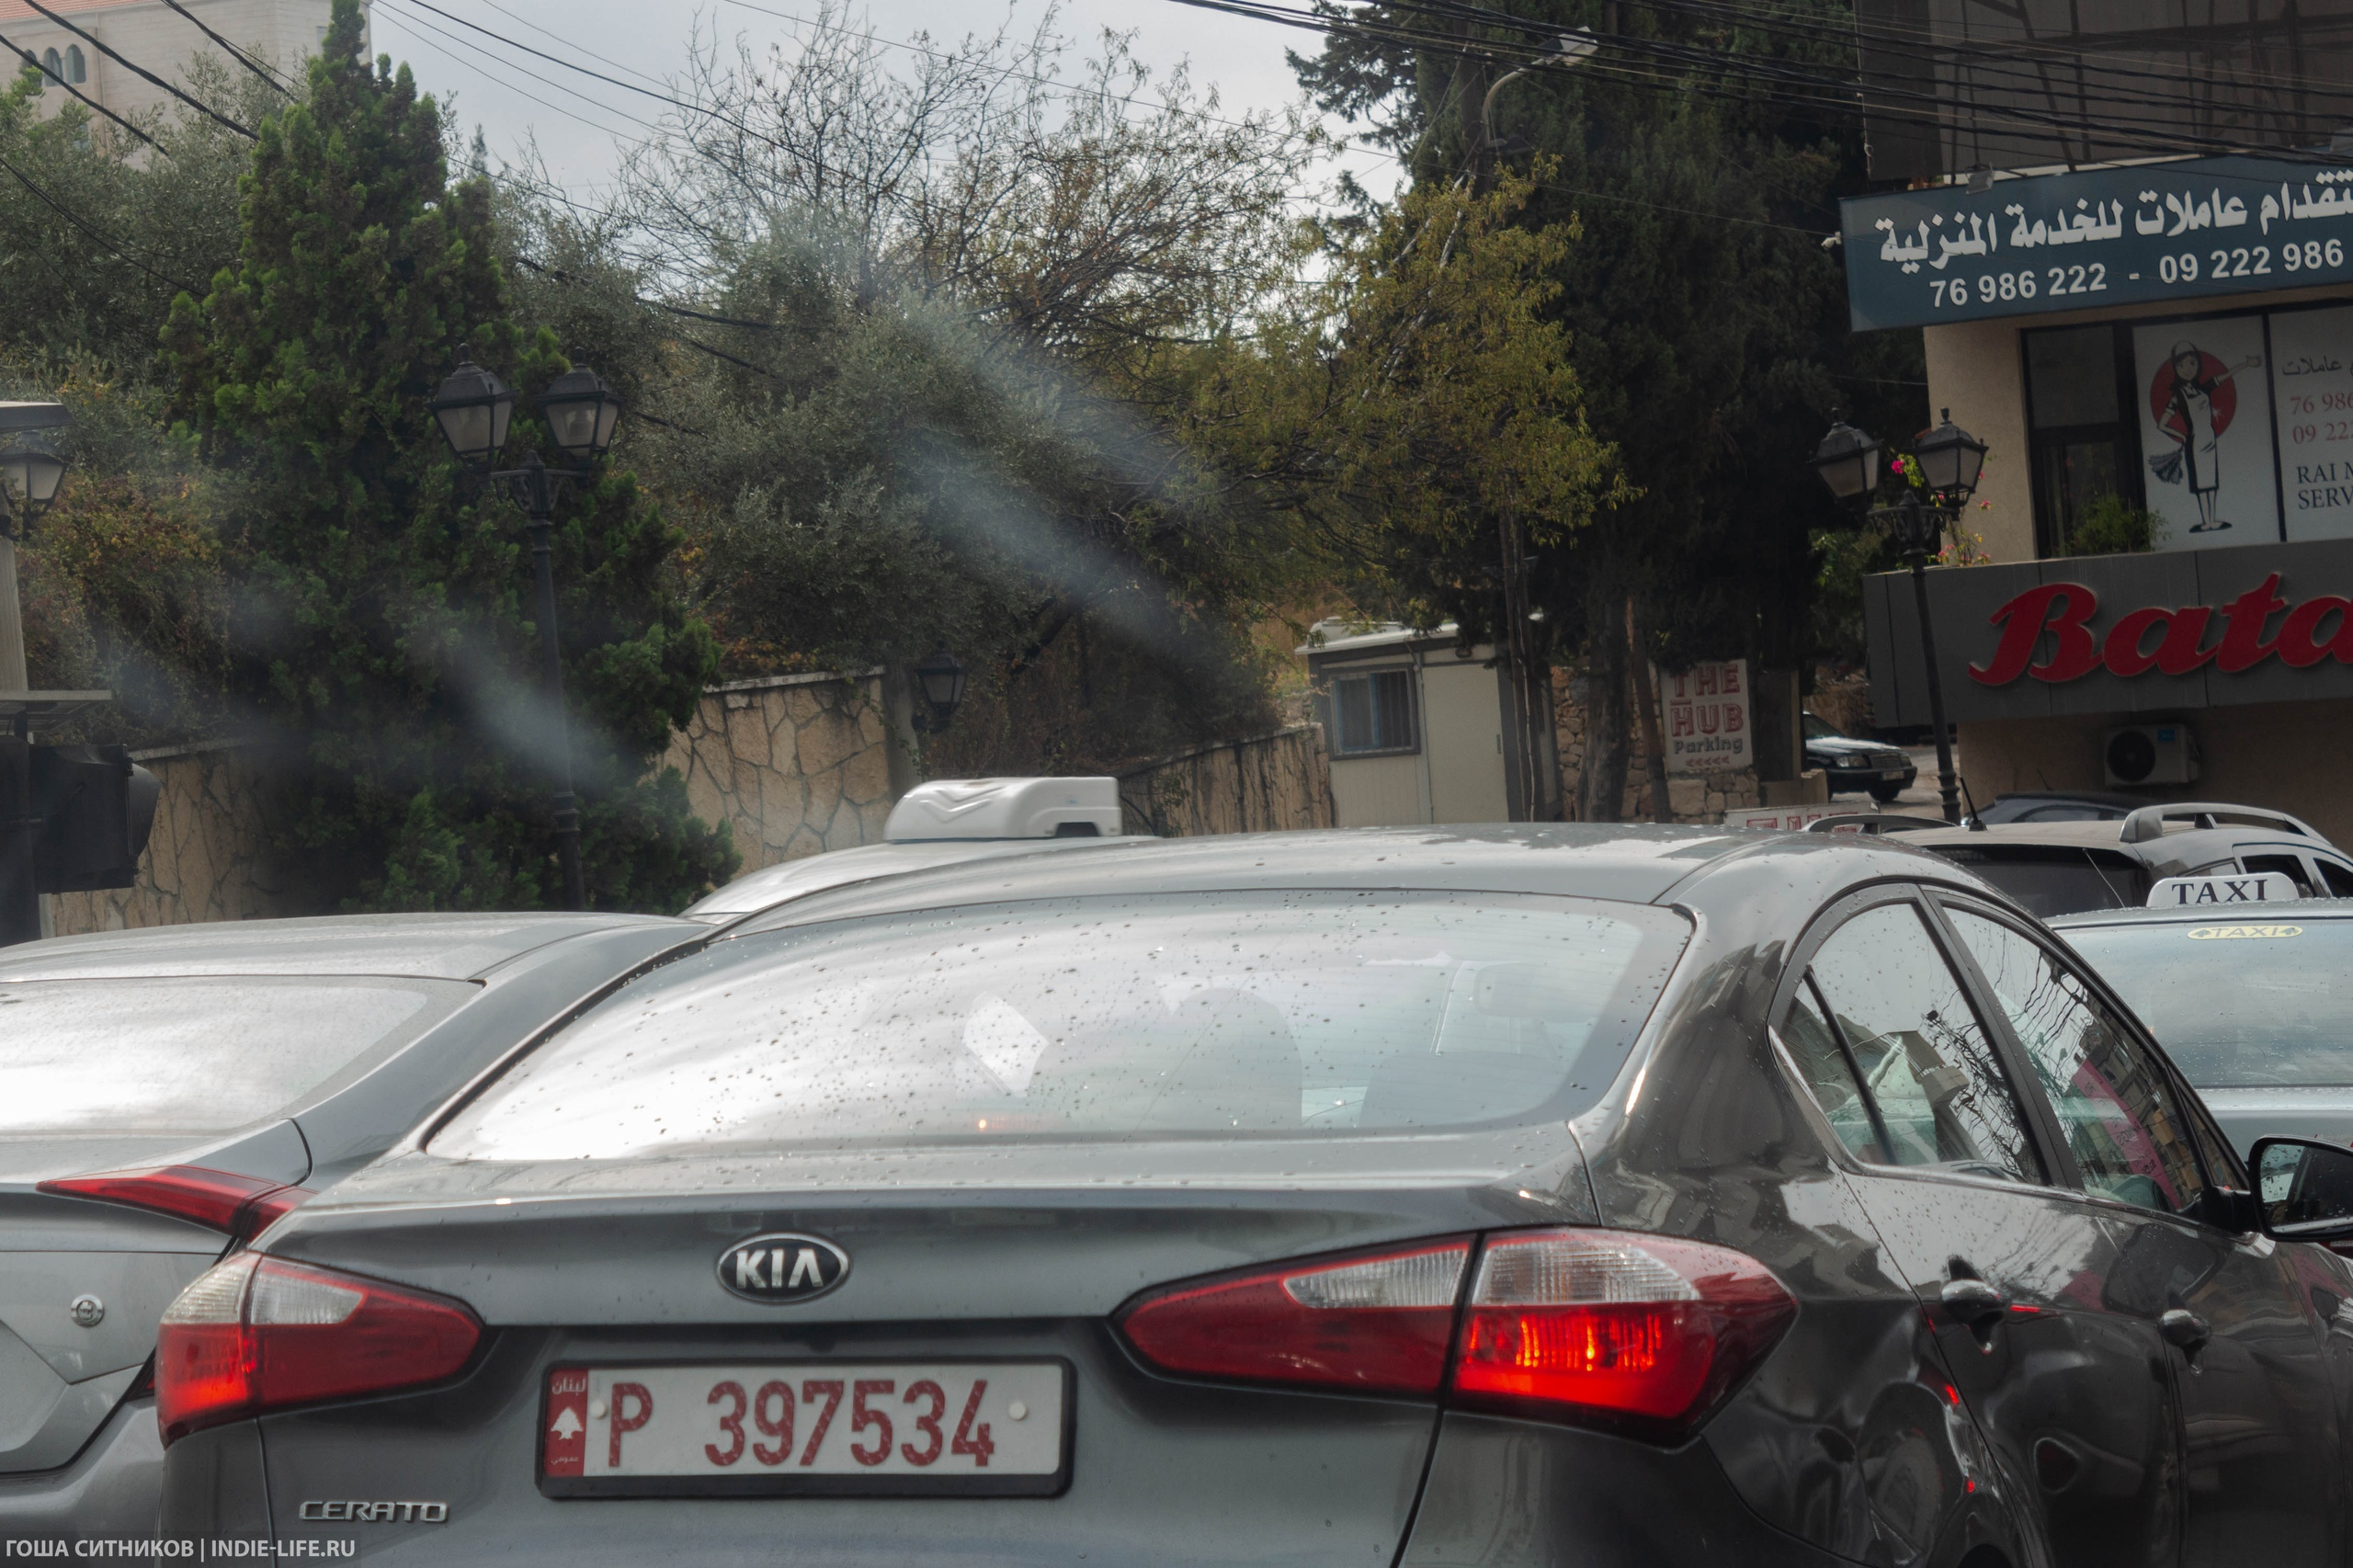 Автомобильный номер Ливанское такси